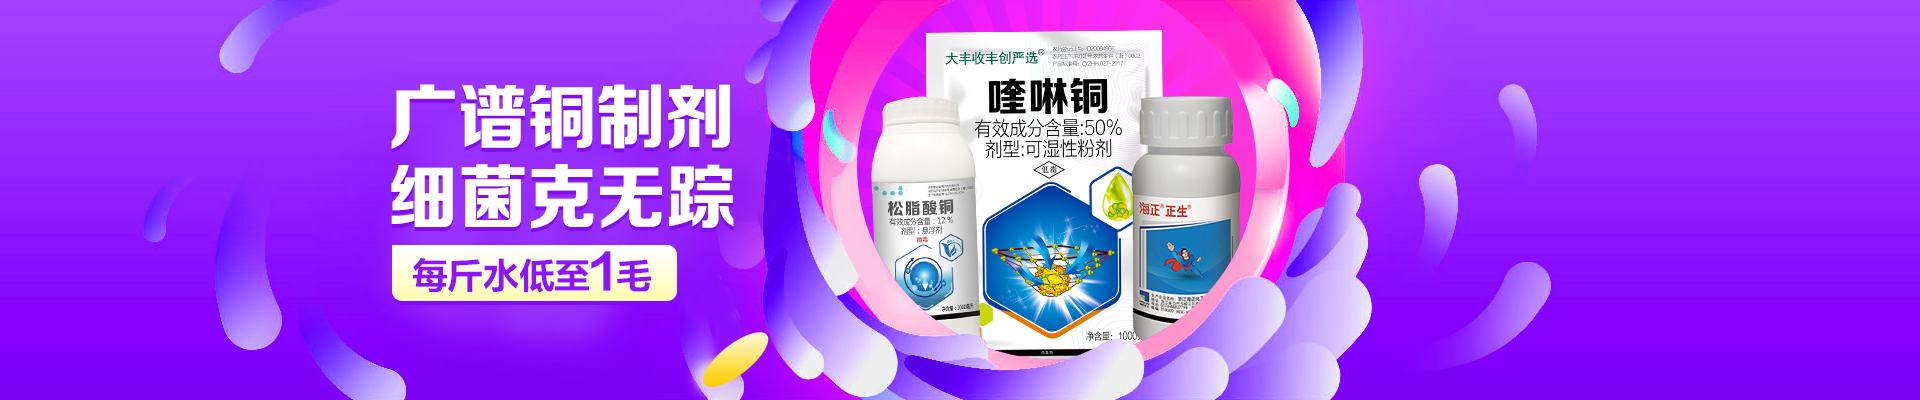 【5月】细菌病卖场